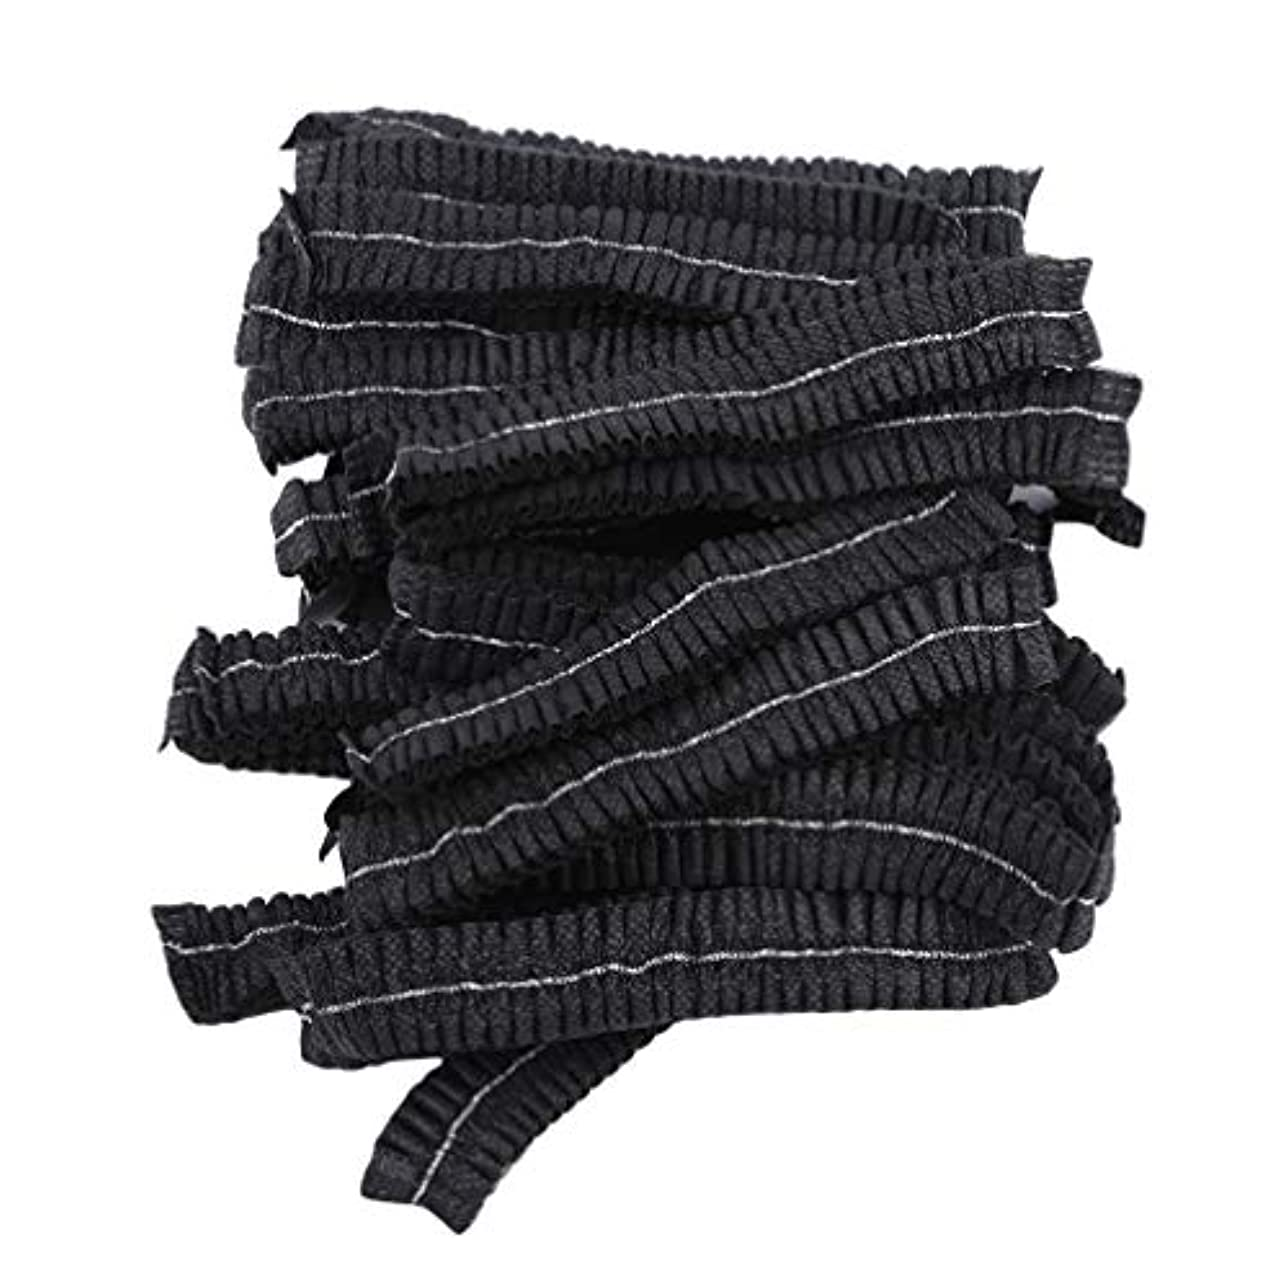 温帯サルベージ旅LJSLYJ 100ピースマイクロブレードパーマネントメイクアップ使い捨てヘアネットキャップ滅菌帽子眉毛スタイリングツールアクセサリー、黒